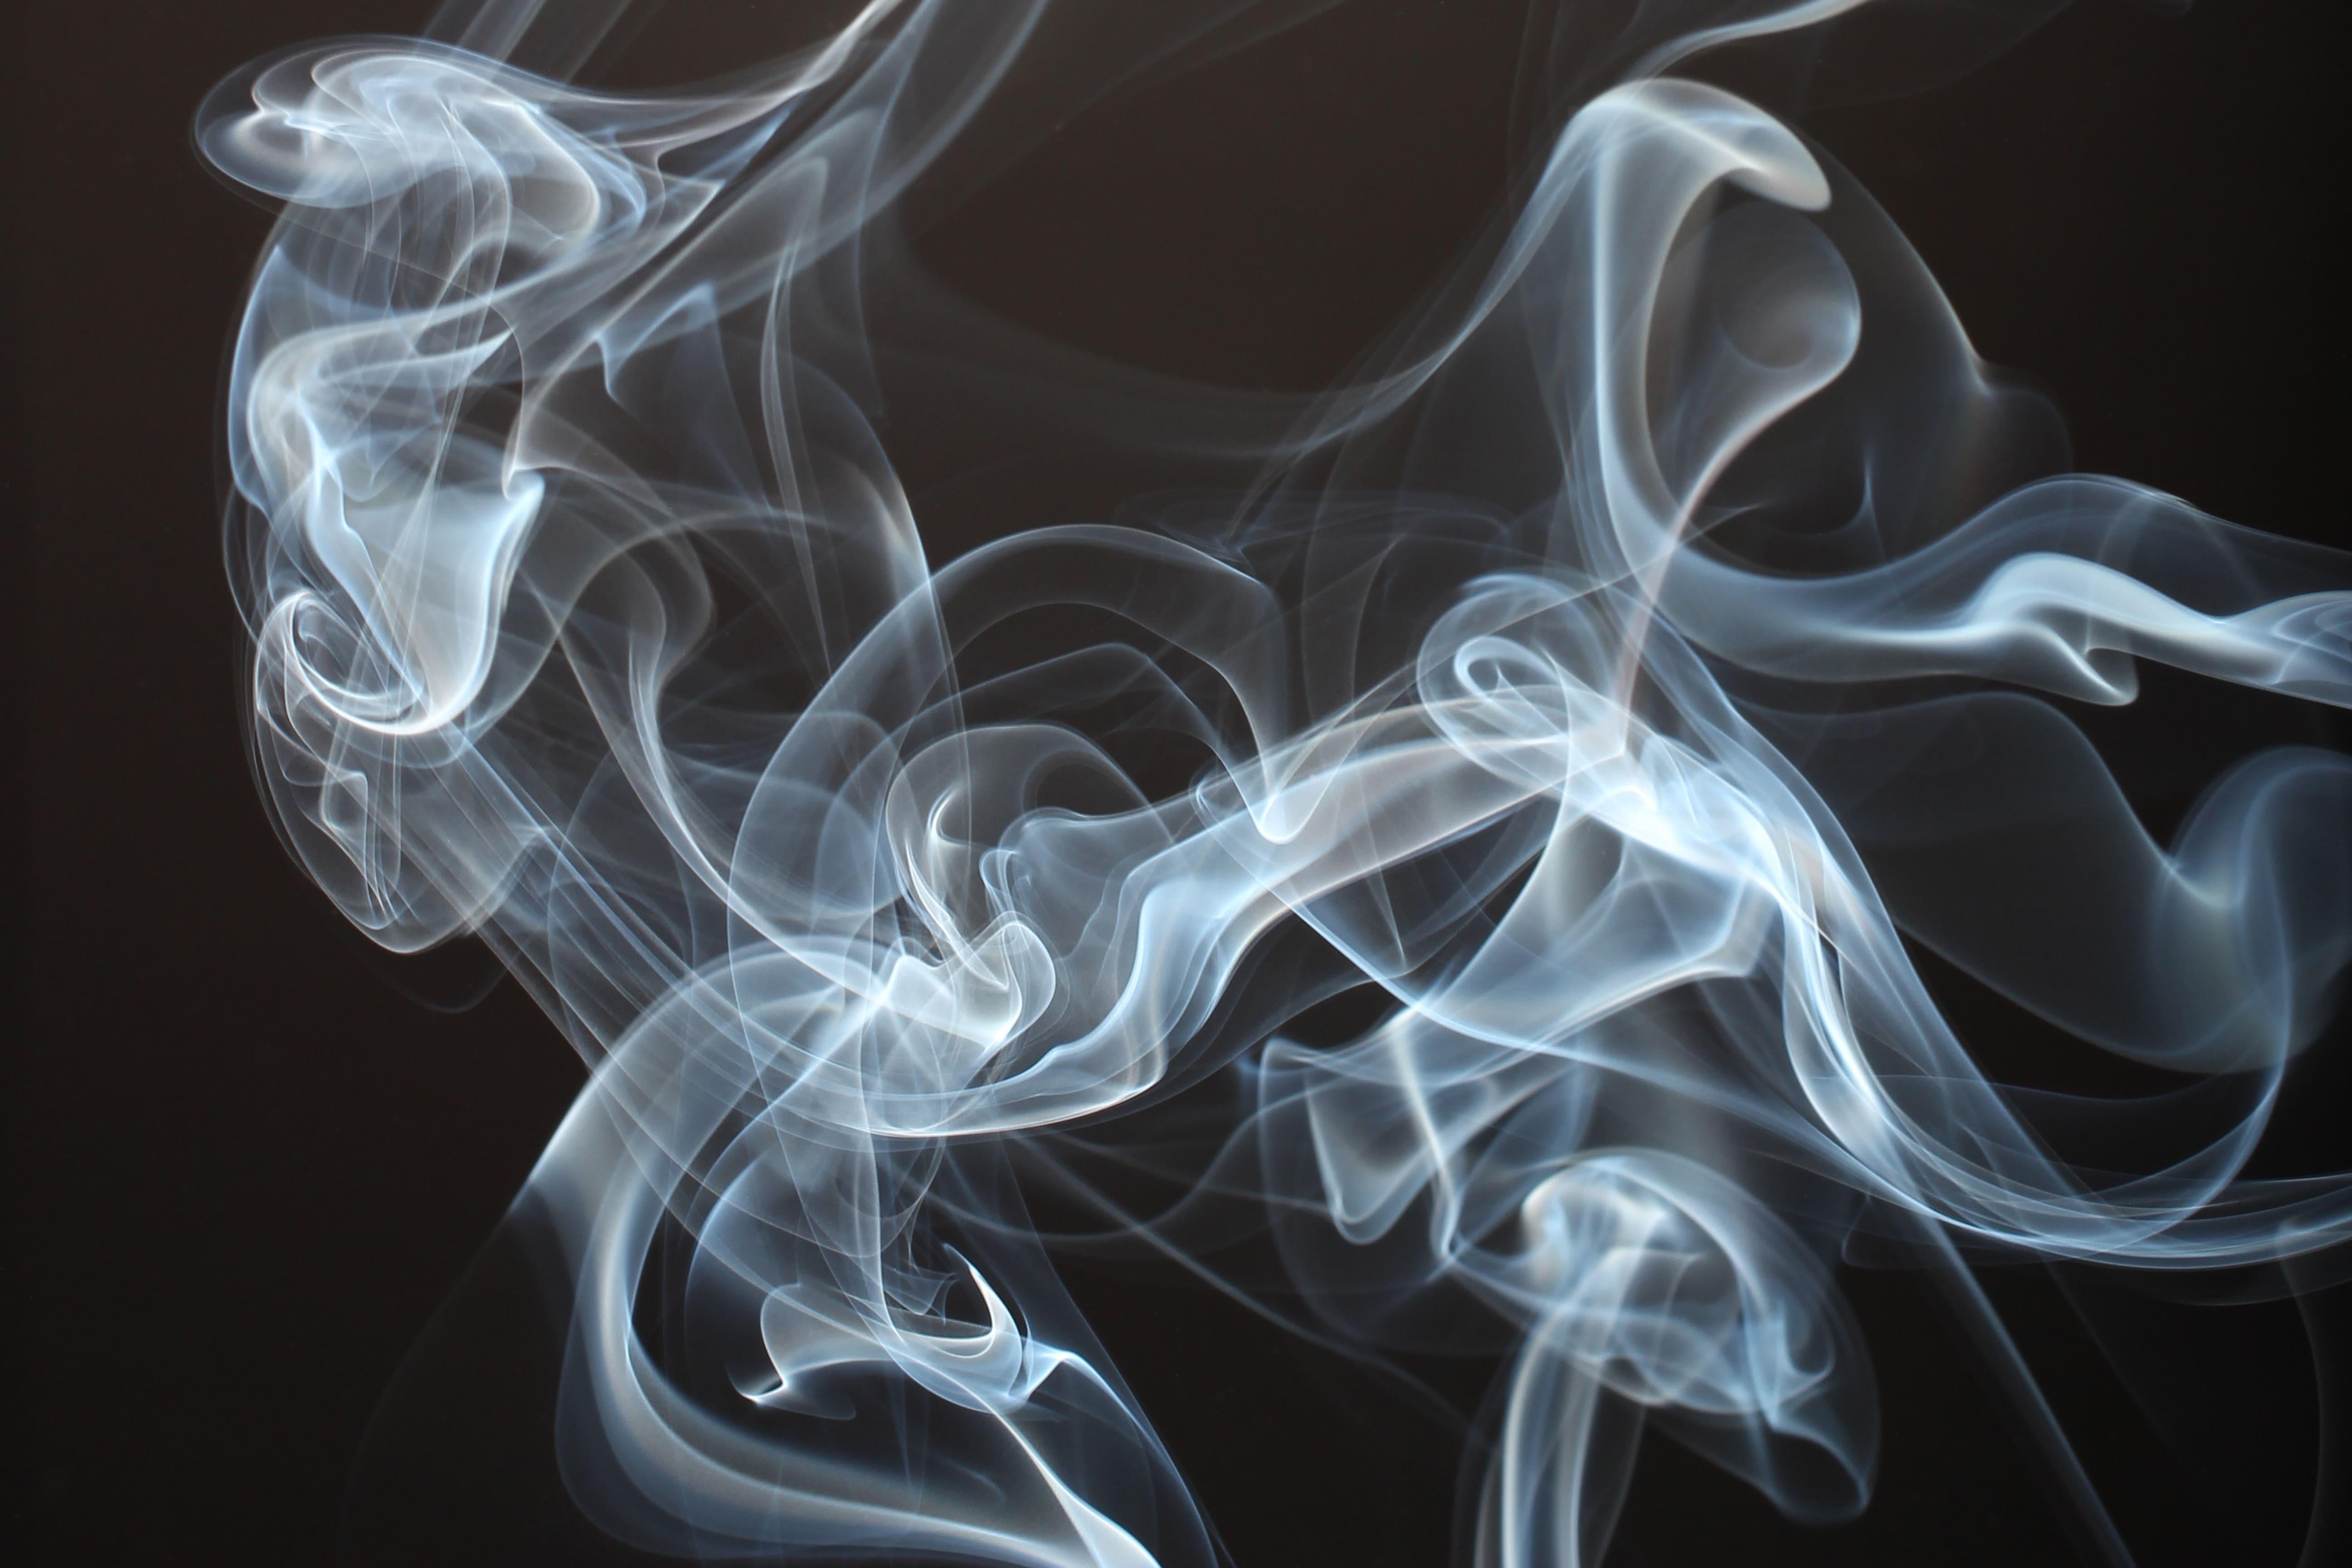 Поясним за новости: в Австрии изменились правила курения